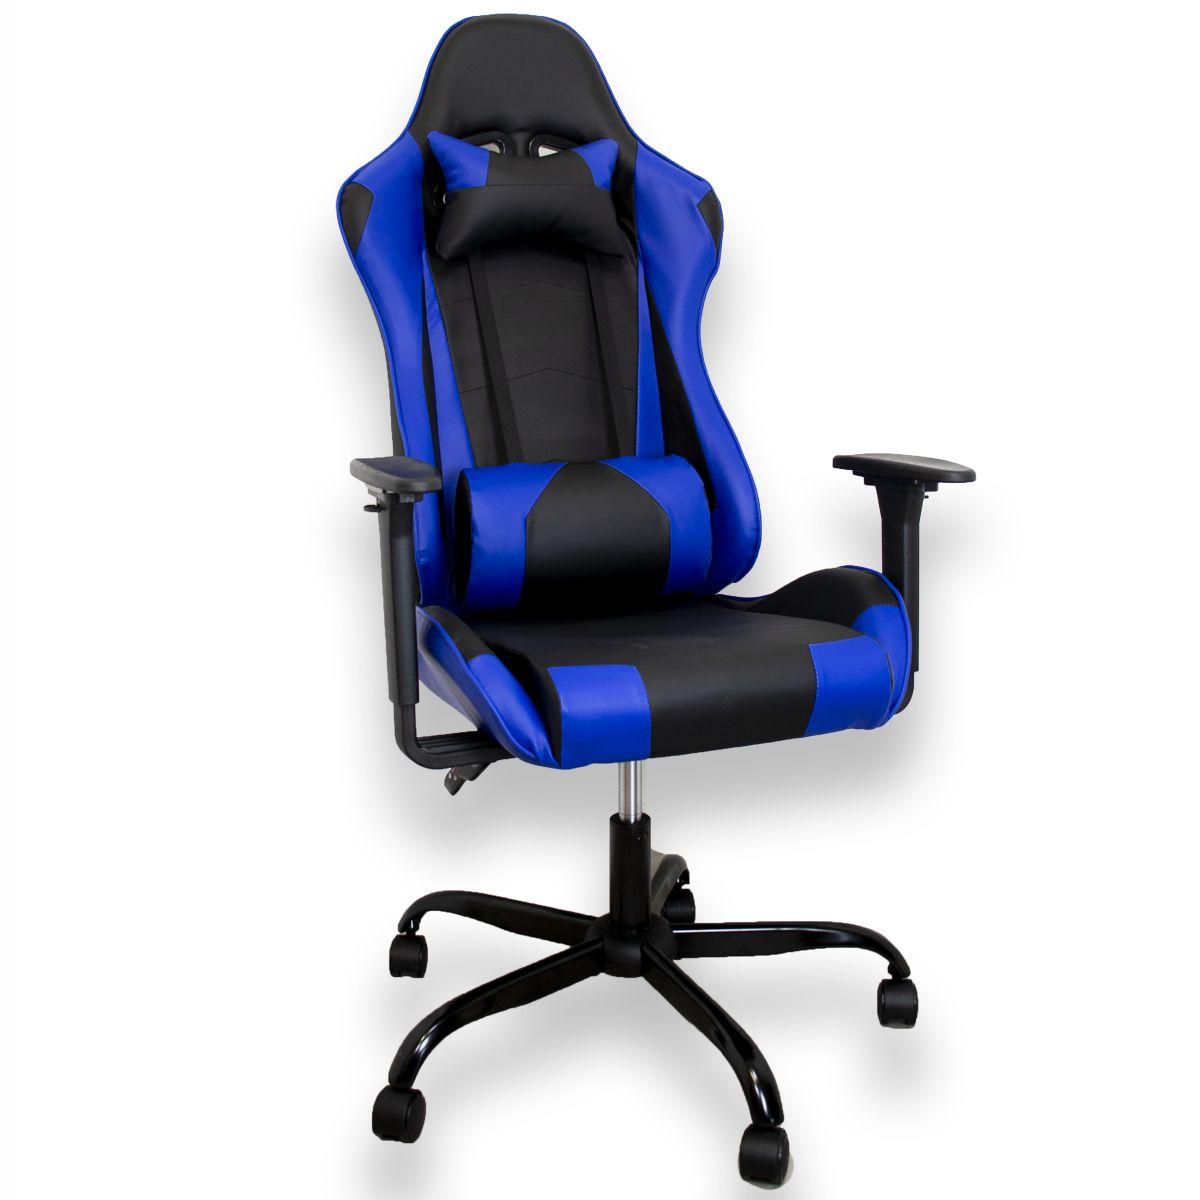 miniatura 41 - Sedia Poltrona da Gaming per Ufficio reclinabile Imbottita ergonomica GTX RTX